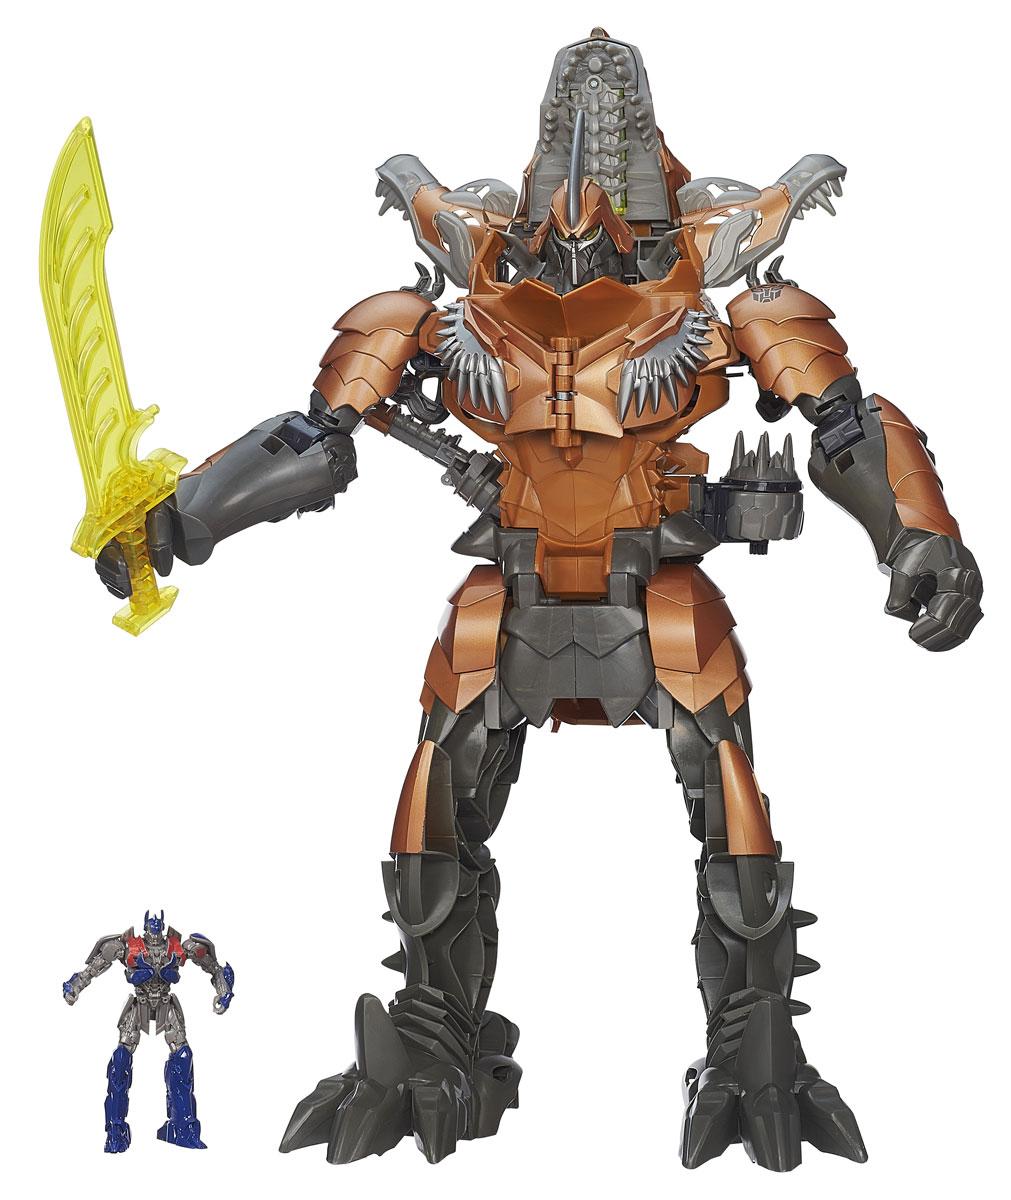 Transformers: GrimlockA6145Игрушка Transformers Grimlock понравится вашему маленькому поклоннику Трансформеров и не позволит ему скучать. Она выполнена из прочного пластика в виде персонажа из нового фильма Трансформеры 4. Эпоха истребления Гримлока - самого мощного из диноботов. Робот с грозным оружием может трансформироваться в рычащего тираннозавра, у которого светятся глаза. В комплект входит фигурка трансформера Оптимуса Прайма, который выступает в качестве наездника. Ваш ребенок часами будет занят игрой, придумывая разные истории. Порадуйте его таким замечательным подарком! Рекомендуется докупить 2 батарейки напряжением 1,5V типа AАA (товар комплектуется демонстрационными).